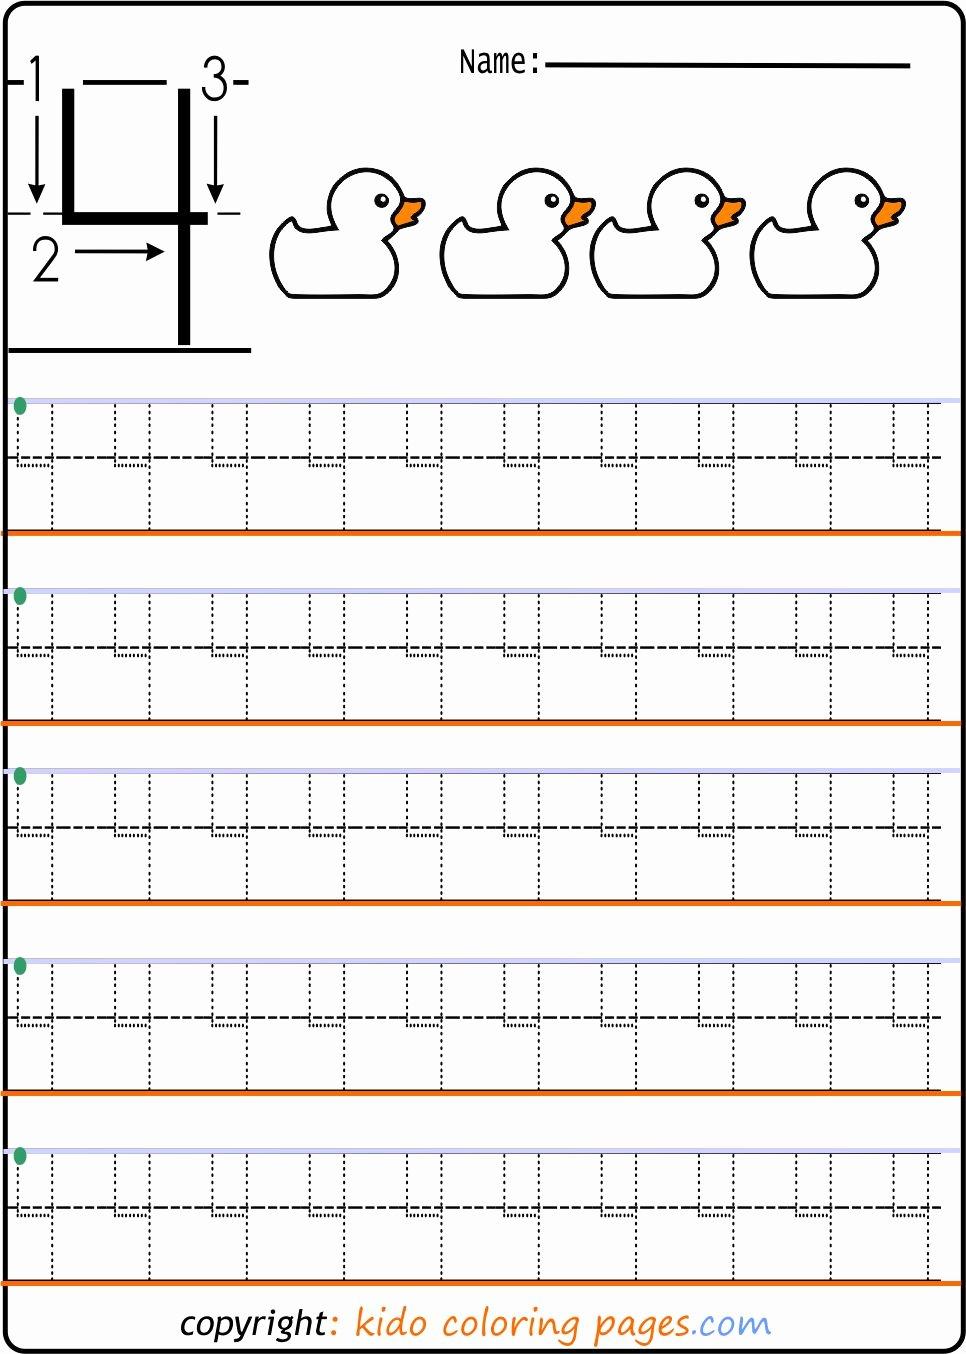 Construction Worksheets for Preschoolers Kids Number Tracing Worksheets for Preschool Kids Coloring Fun